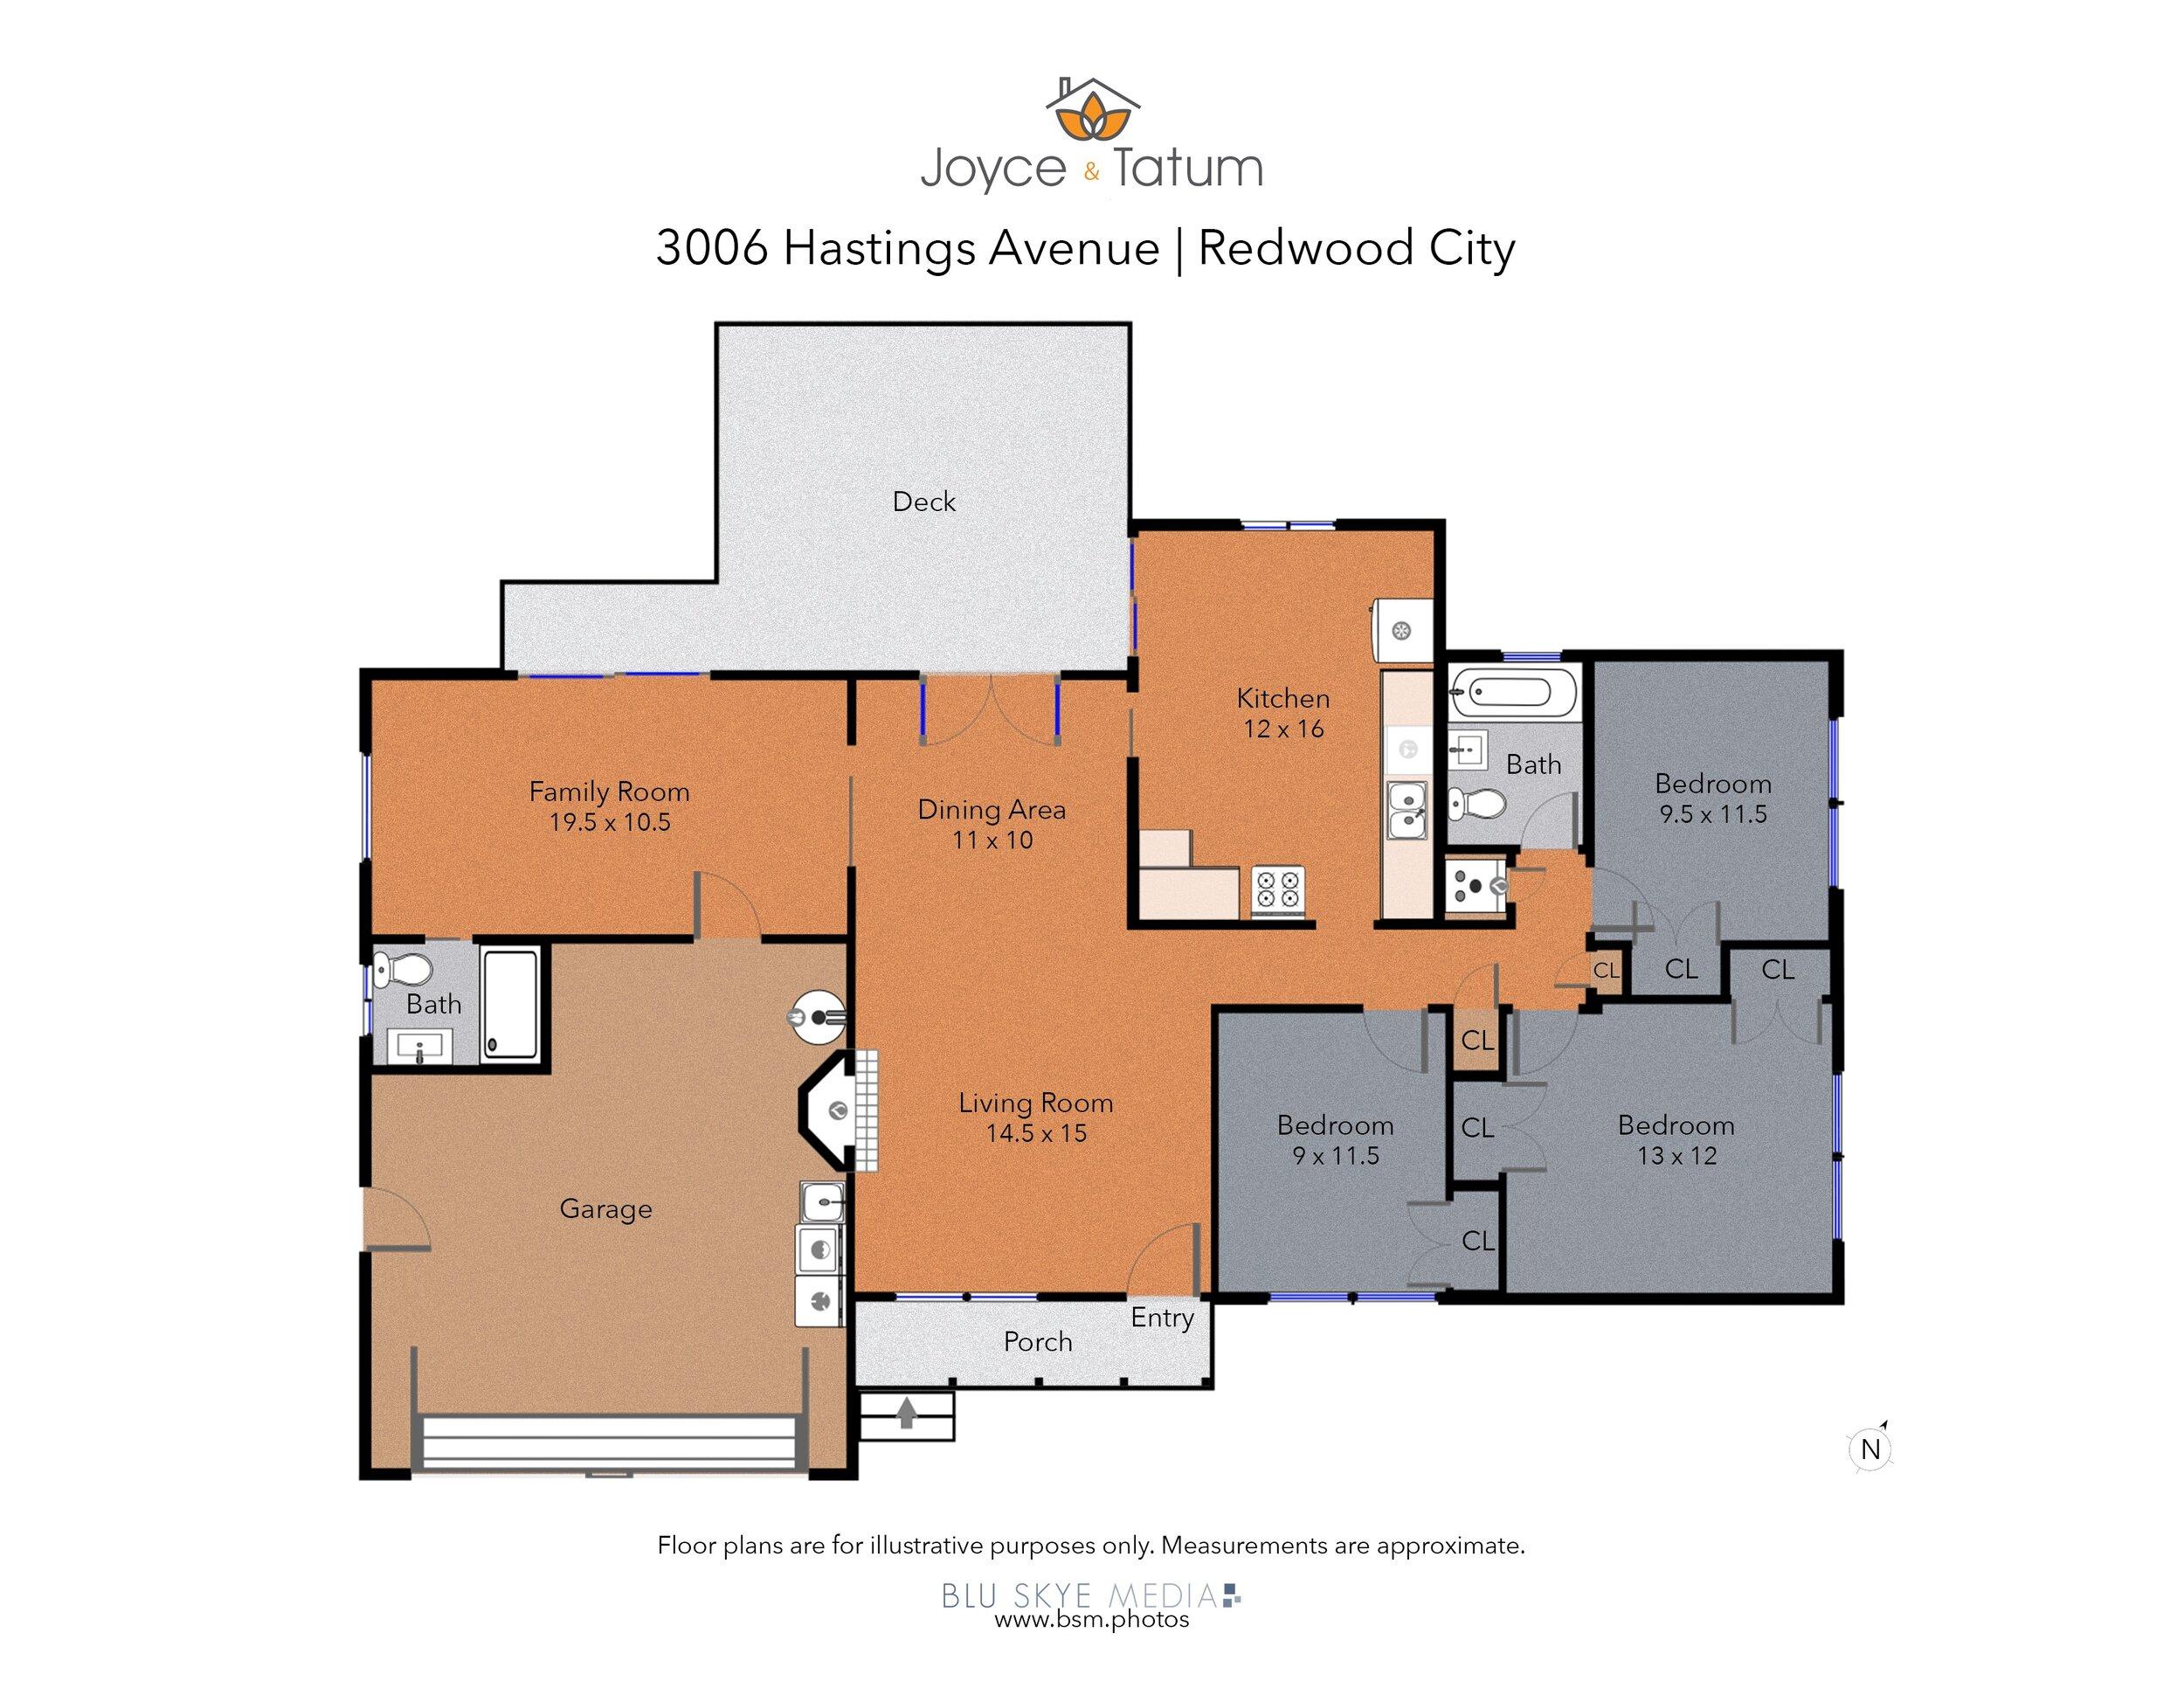 3006 Hatings Ave, RWC Floor Plan.jpg